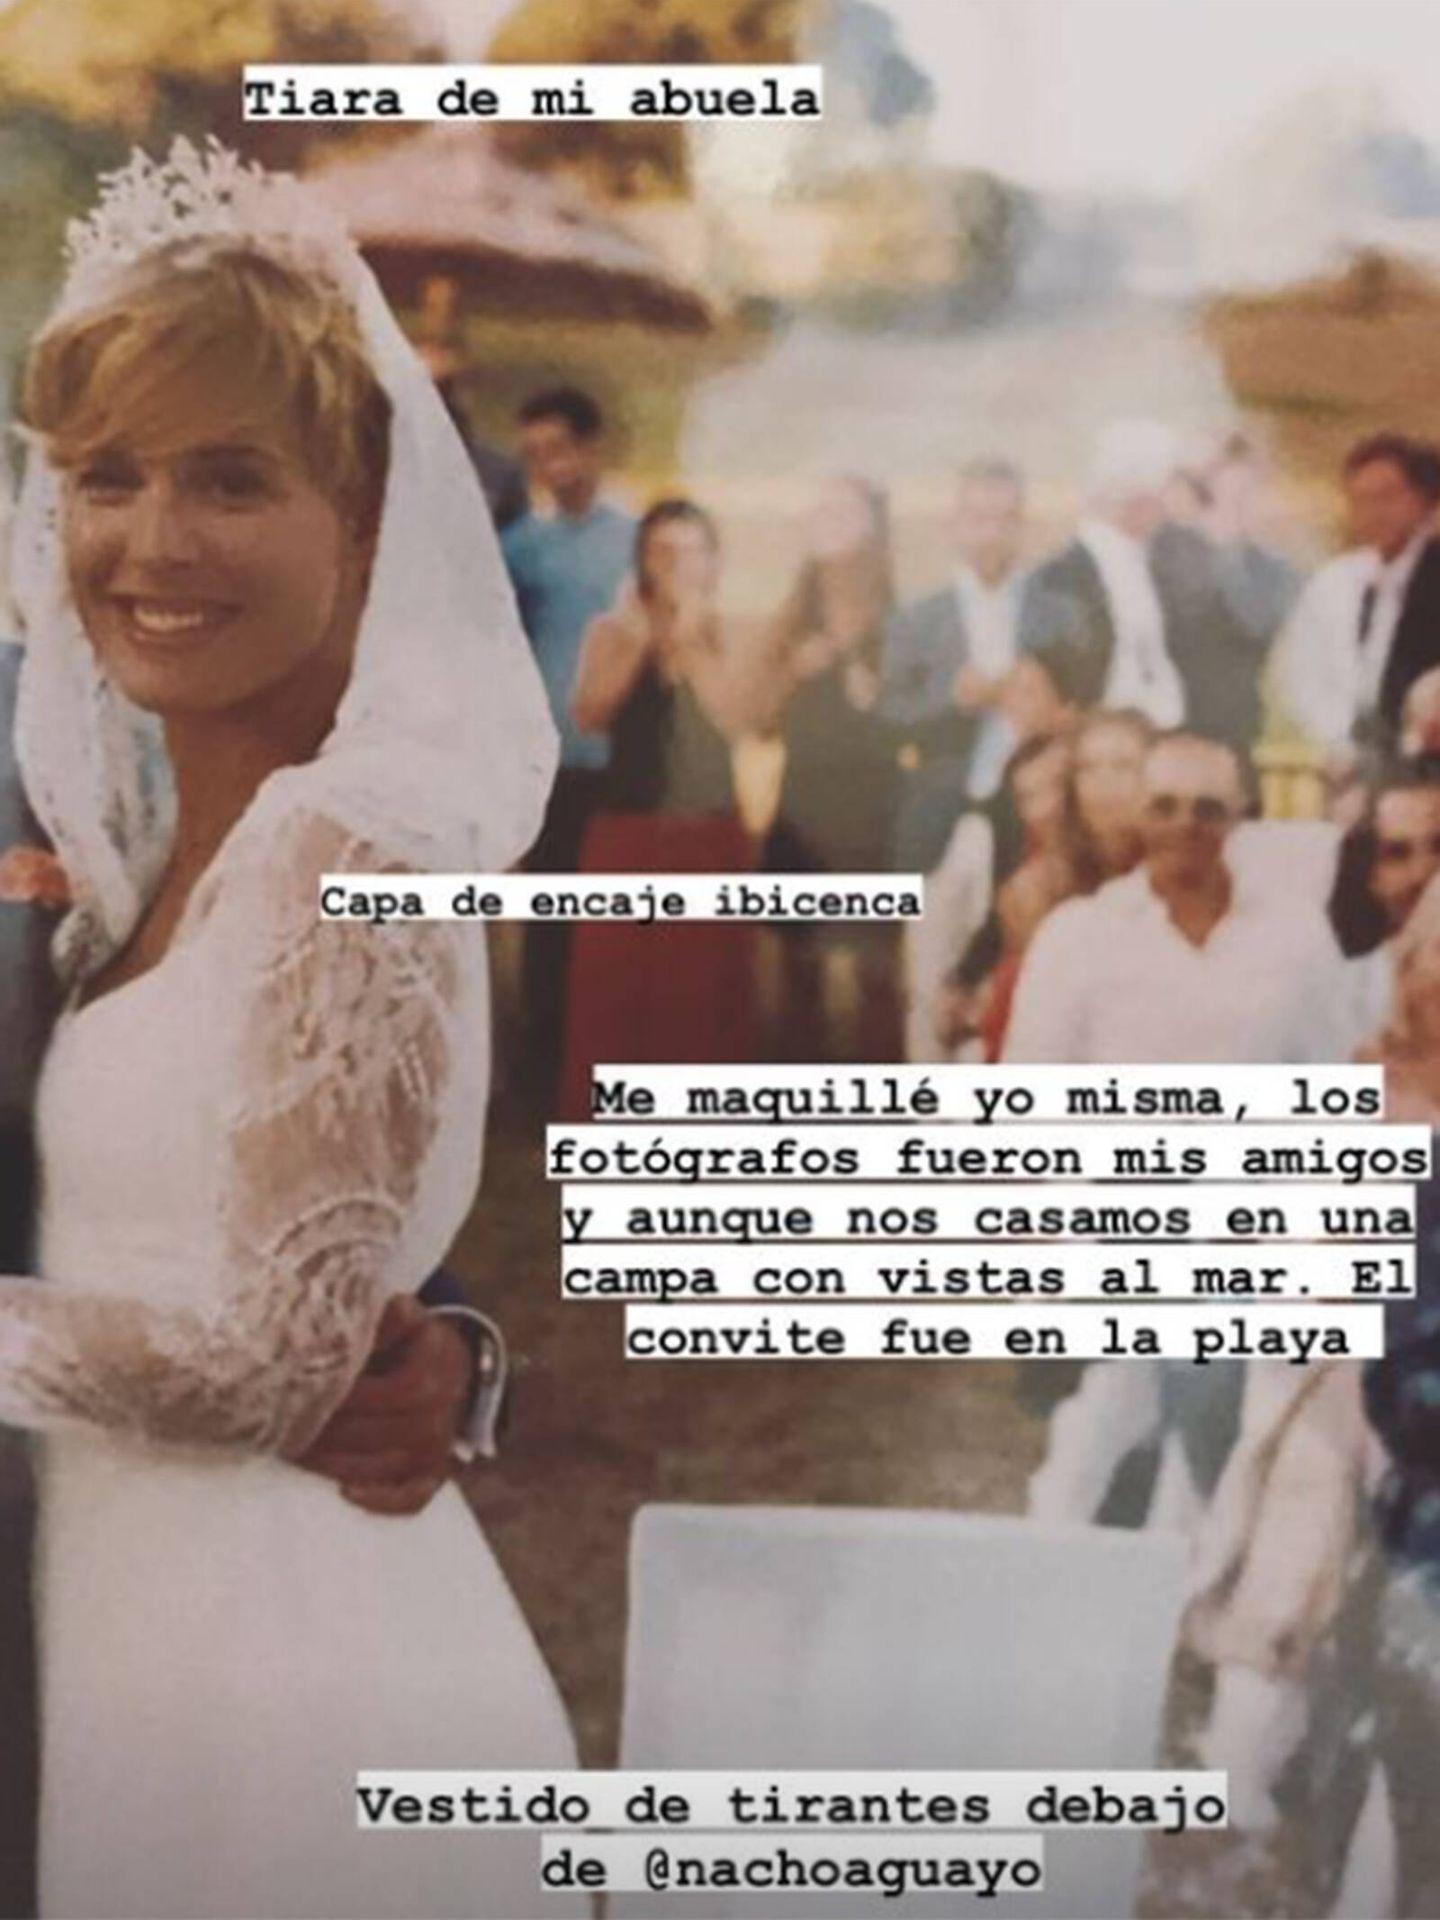 Tania Llasera revela detalles del día de su boda en redes sociales. (Instagram @taniallasera)